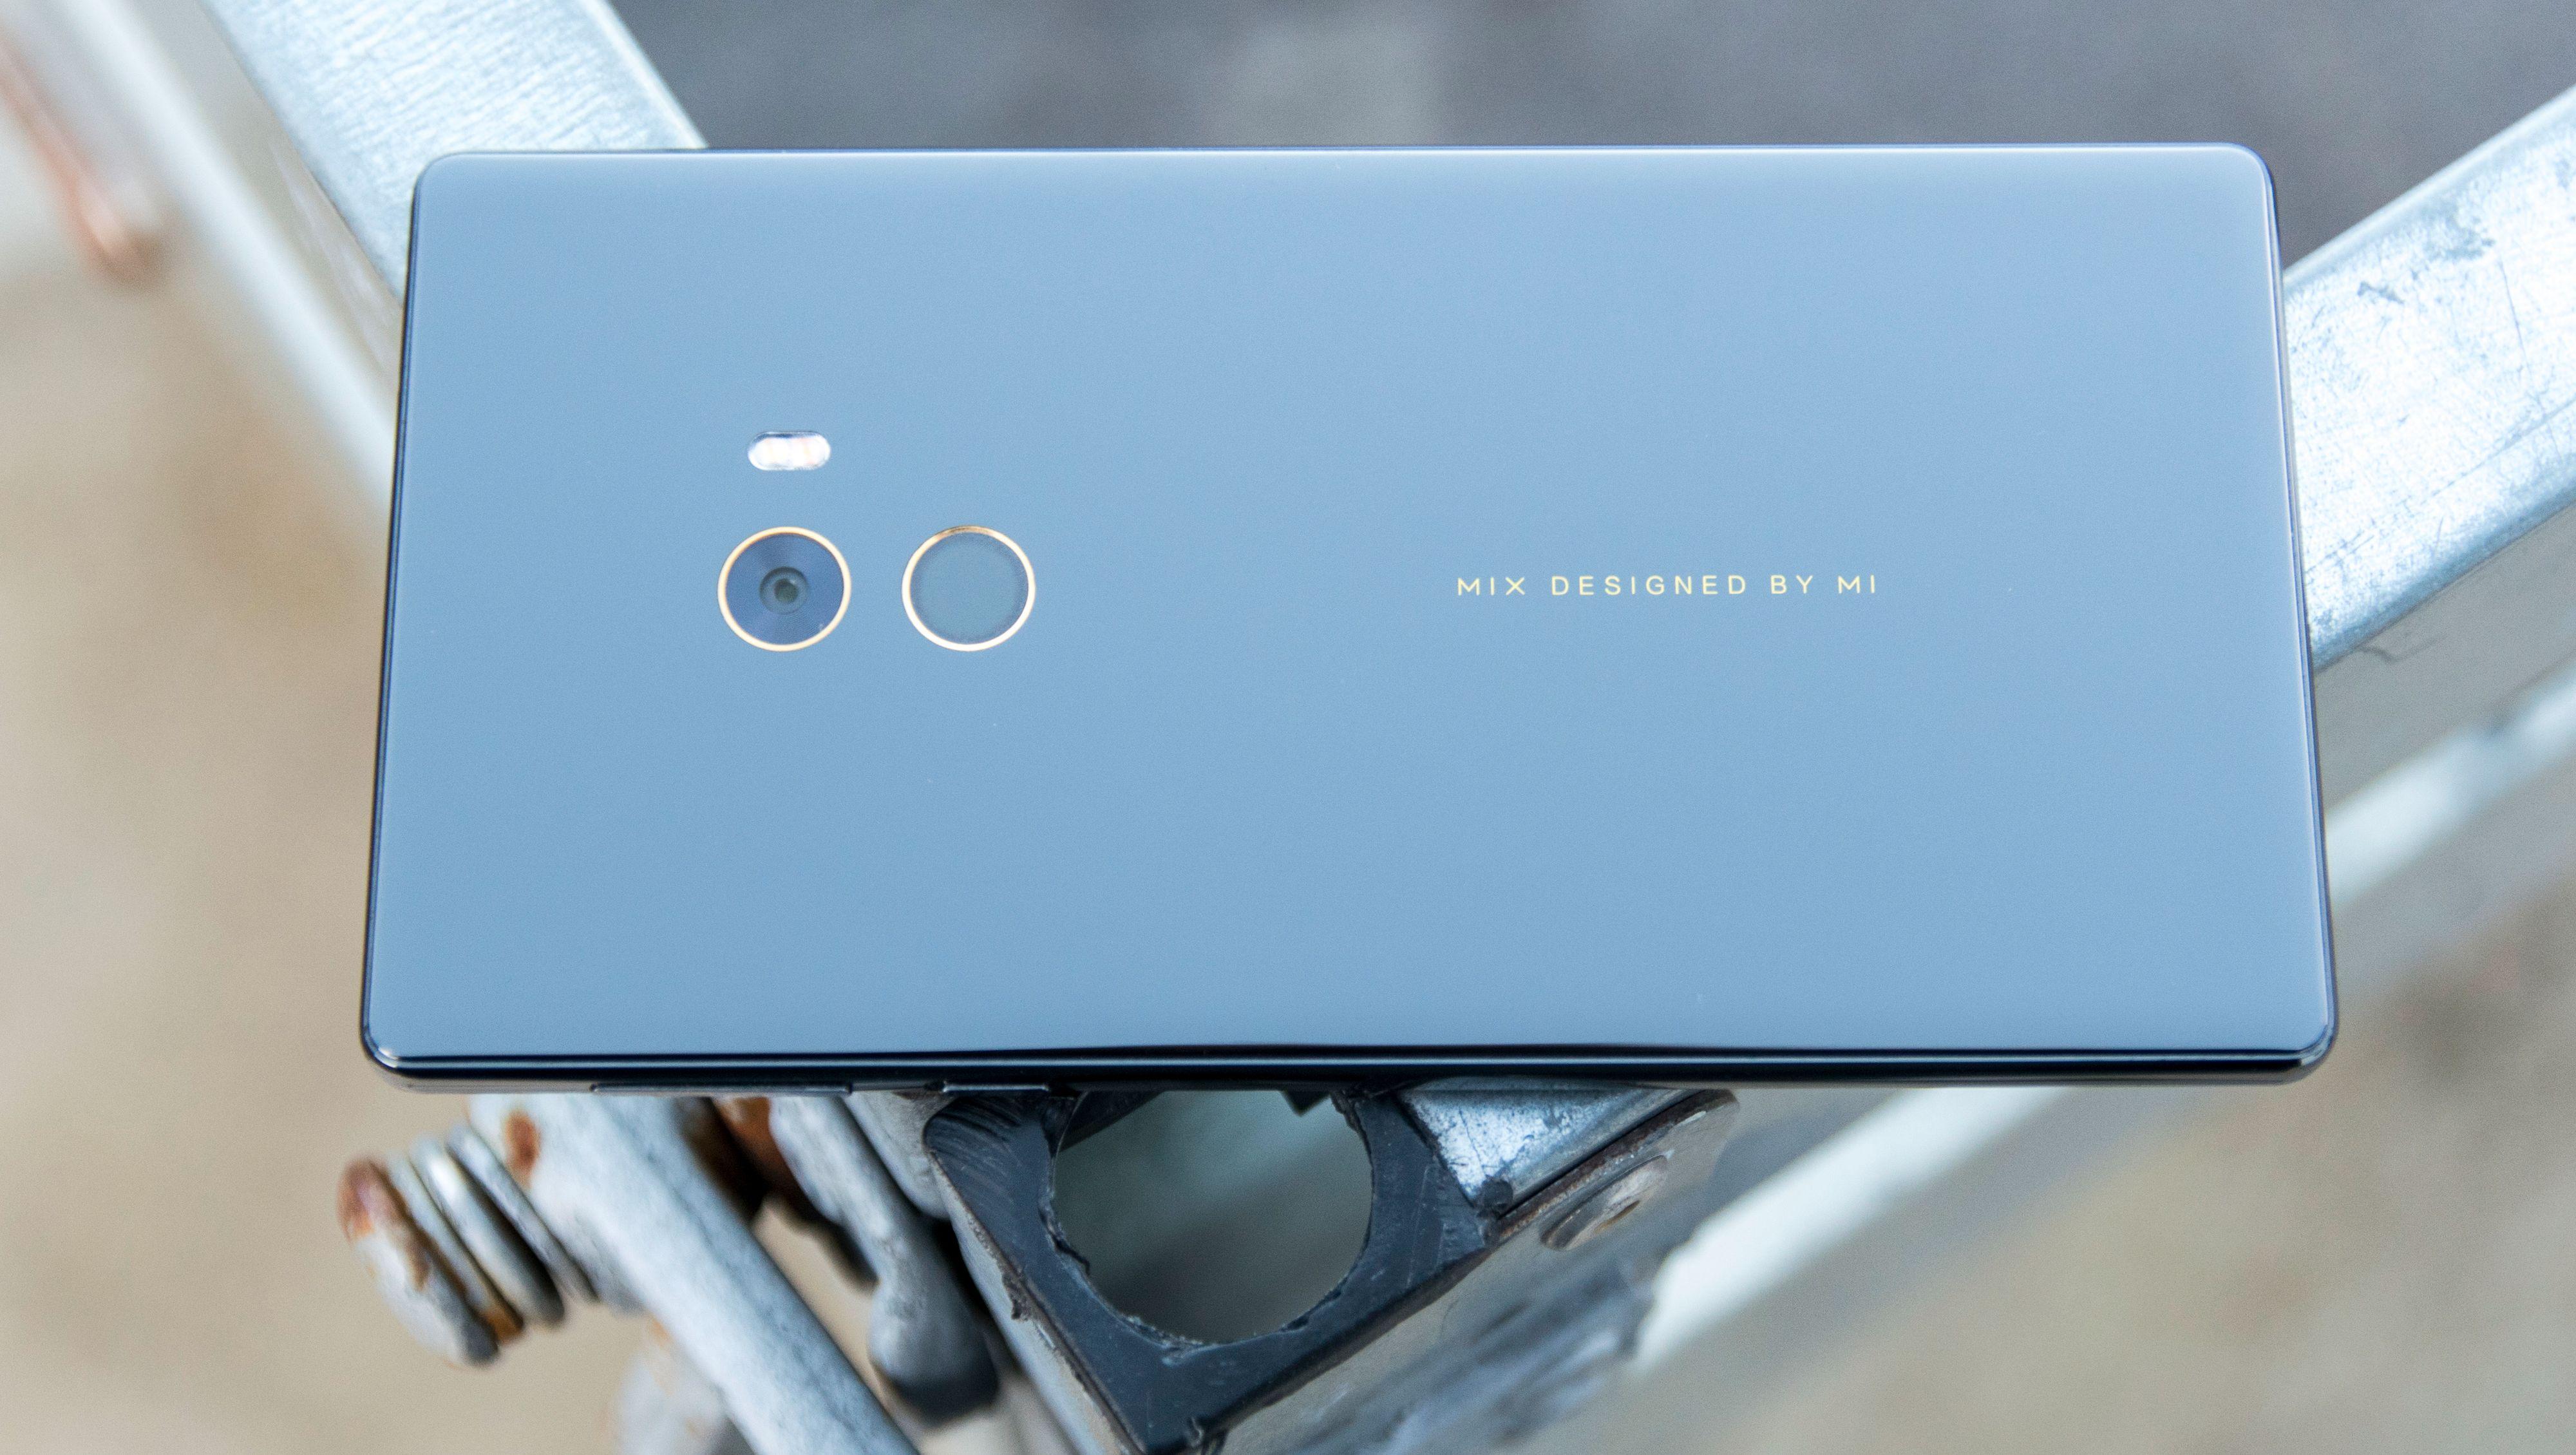 Xiaomi Mi Mix var den første telefonen som nesten i sin helhet dekket forsiden med skjerm, mens bakside og rammer var i keramisk materiale. Bilde: Finn Jarle Kvalheim, Tek.no